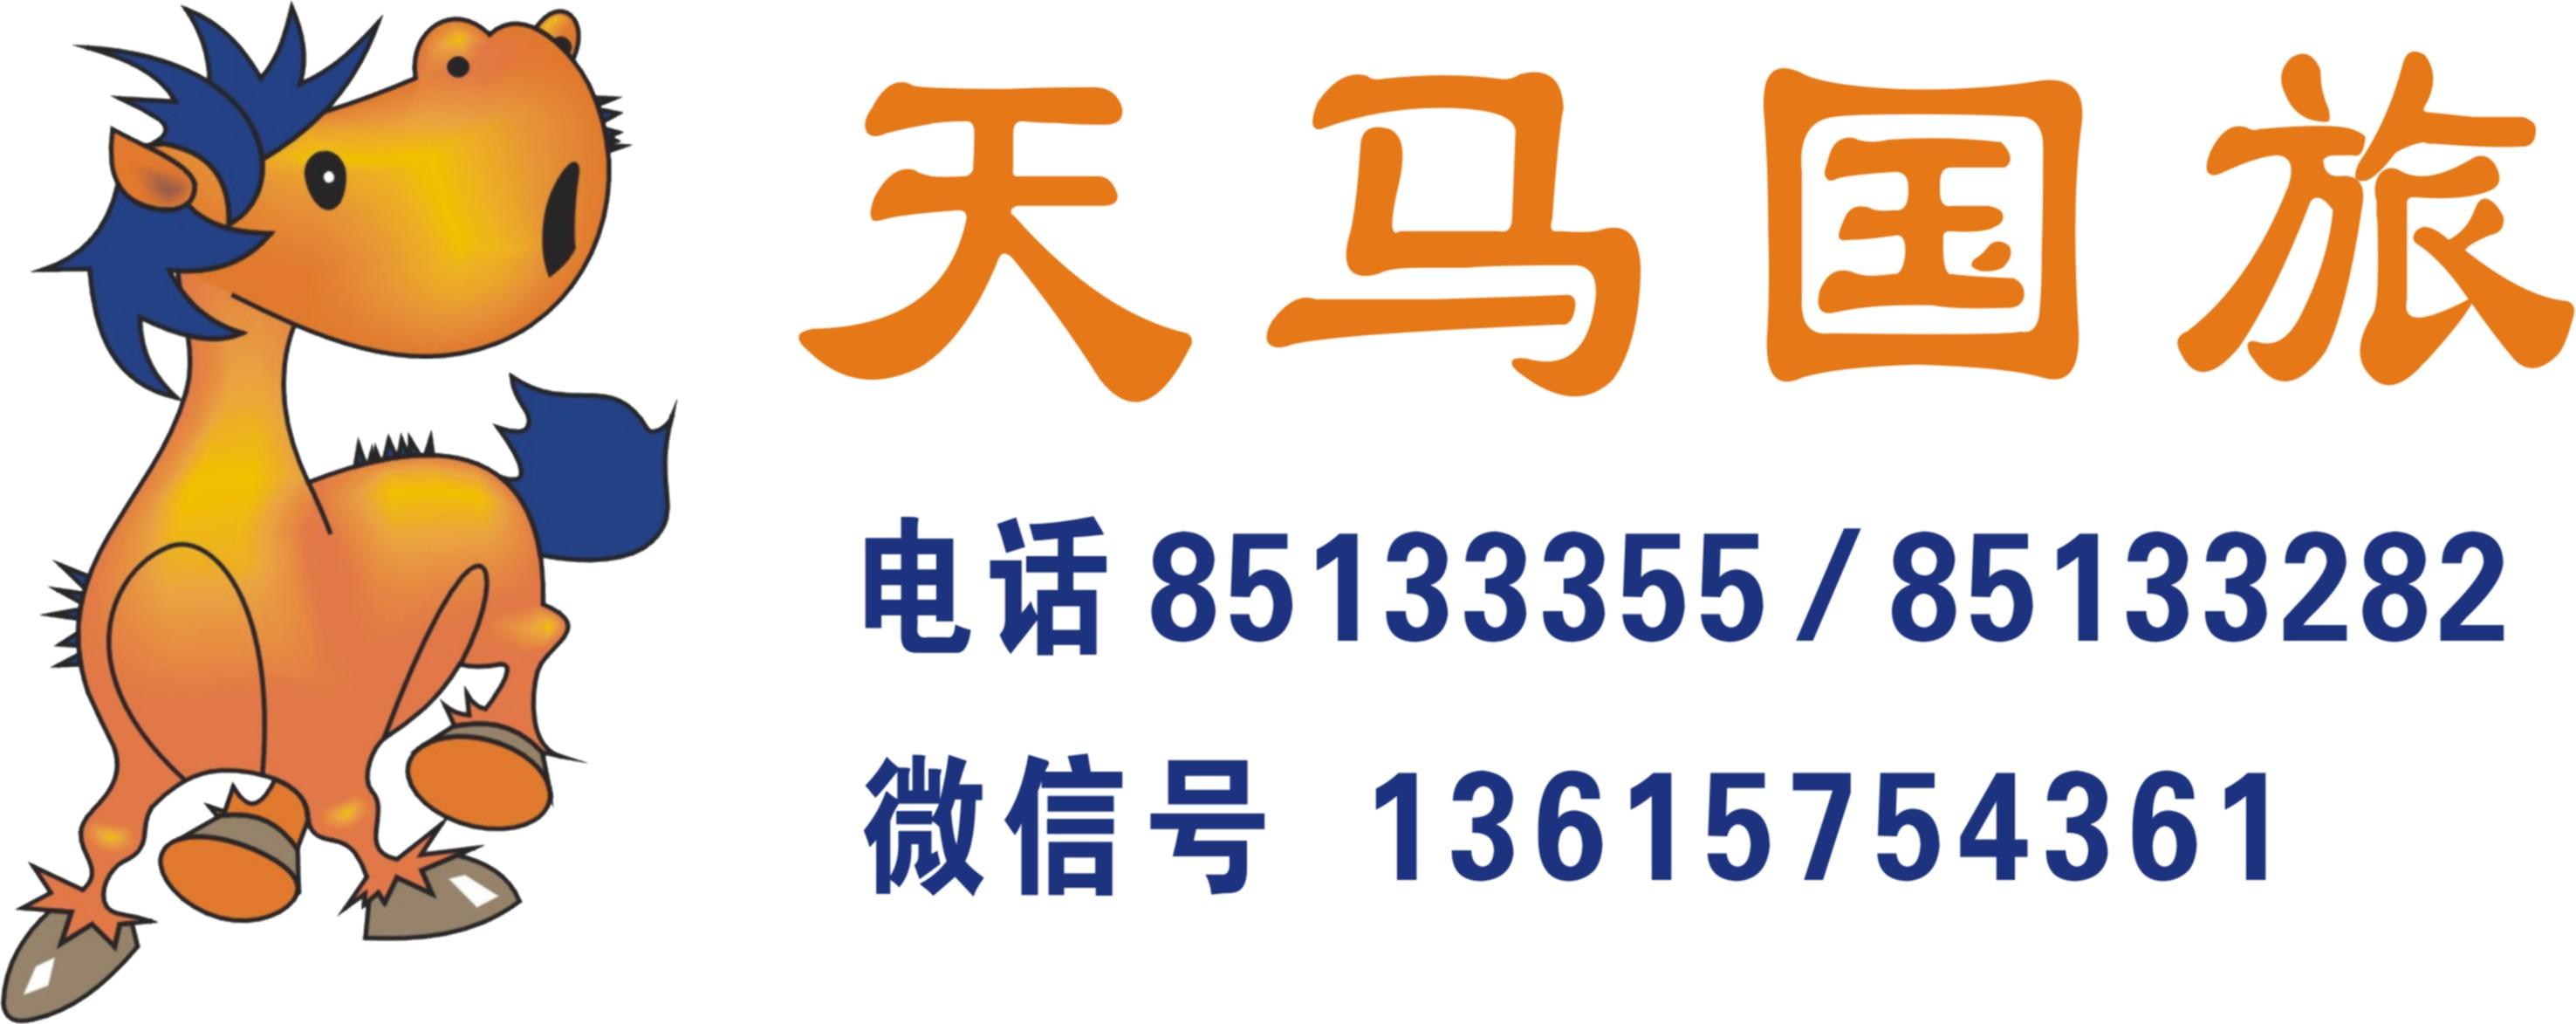 6月【地道云南-昆明大理丽江双飞6日】天空之境、JEEP车